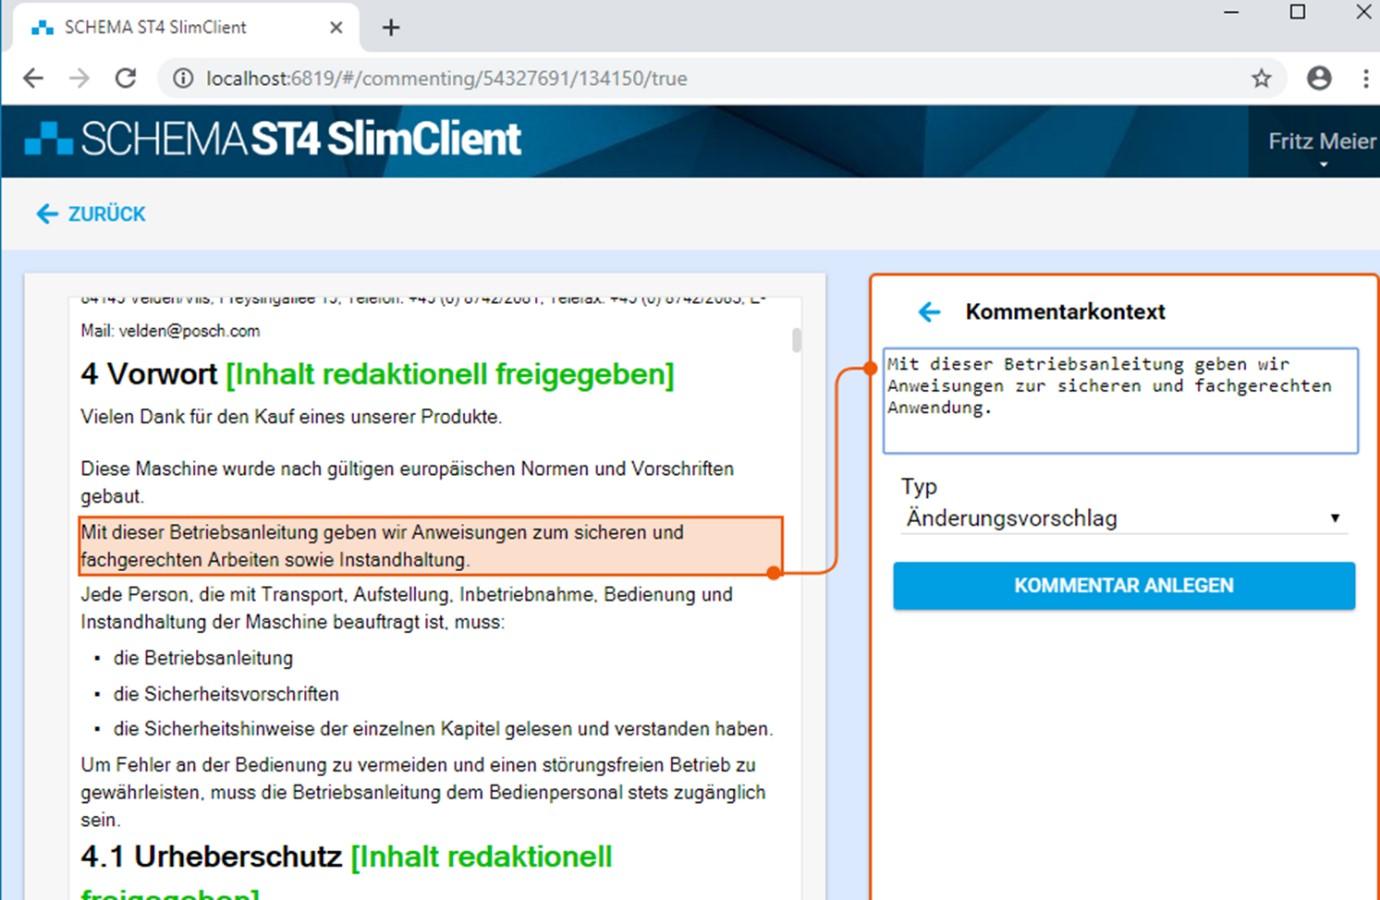 Texte im SCHEMA ST4 SlimClient kommentieren